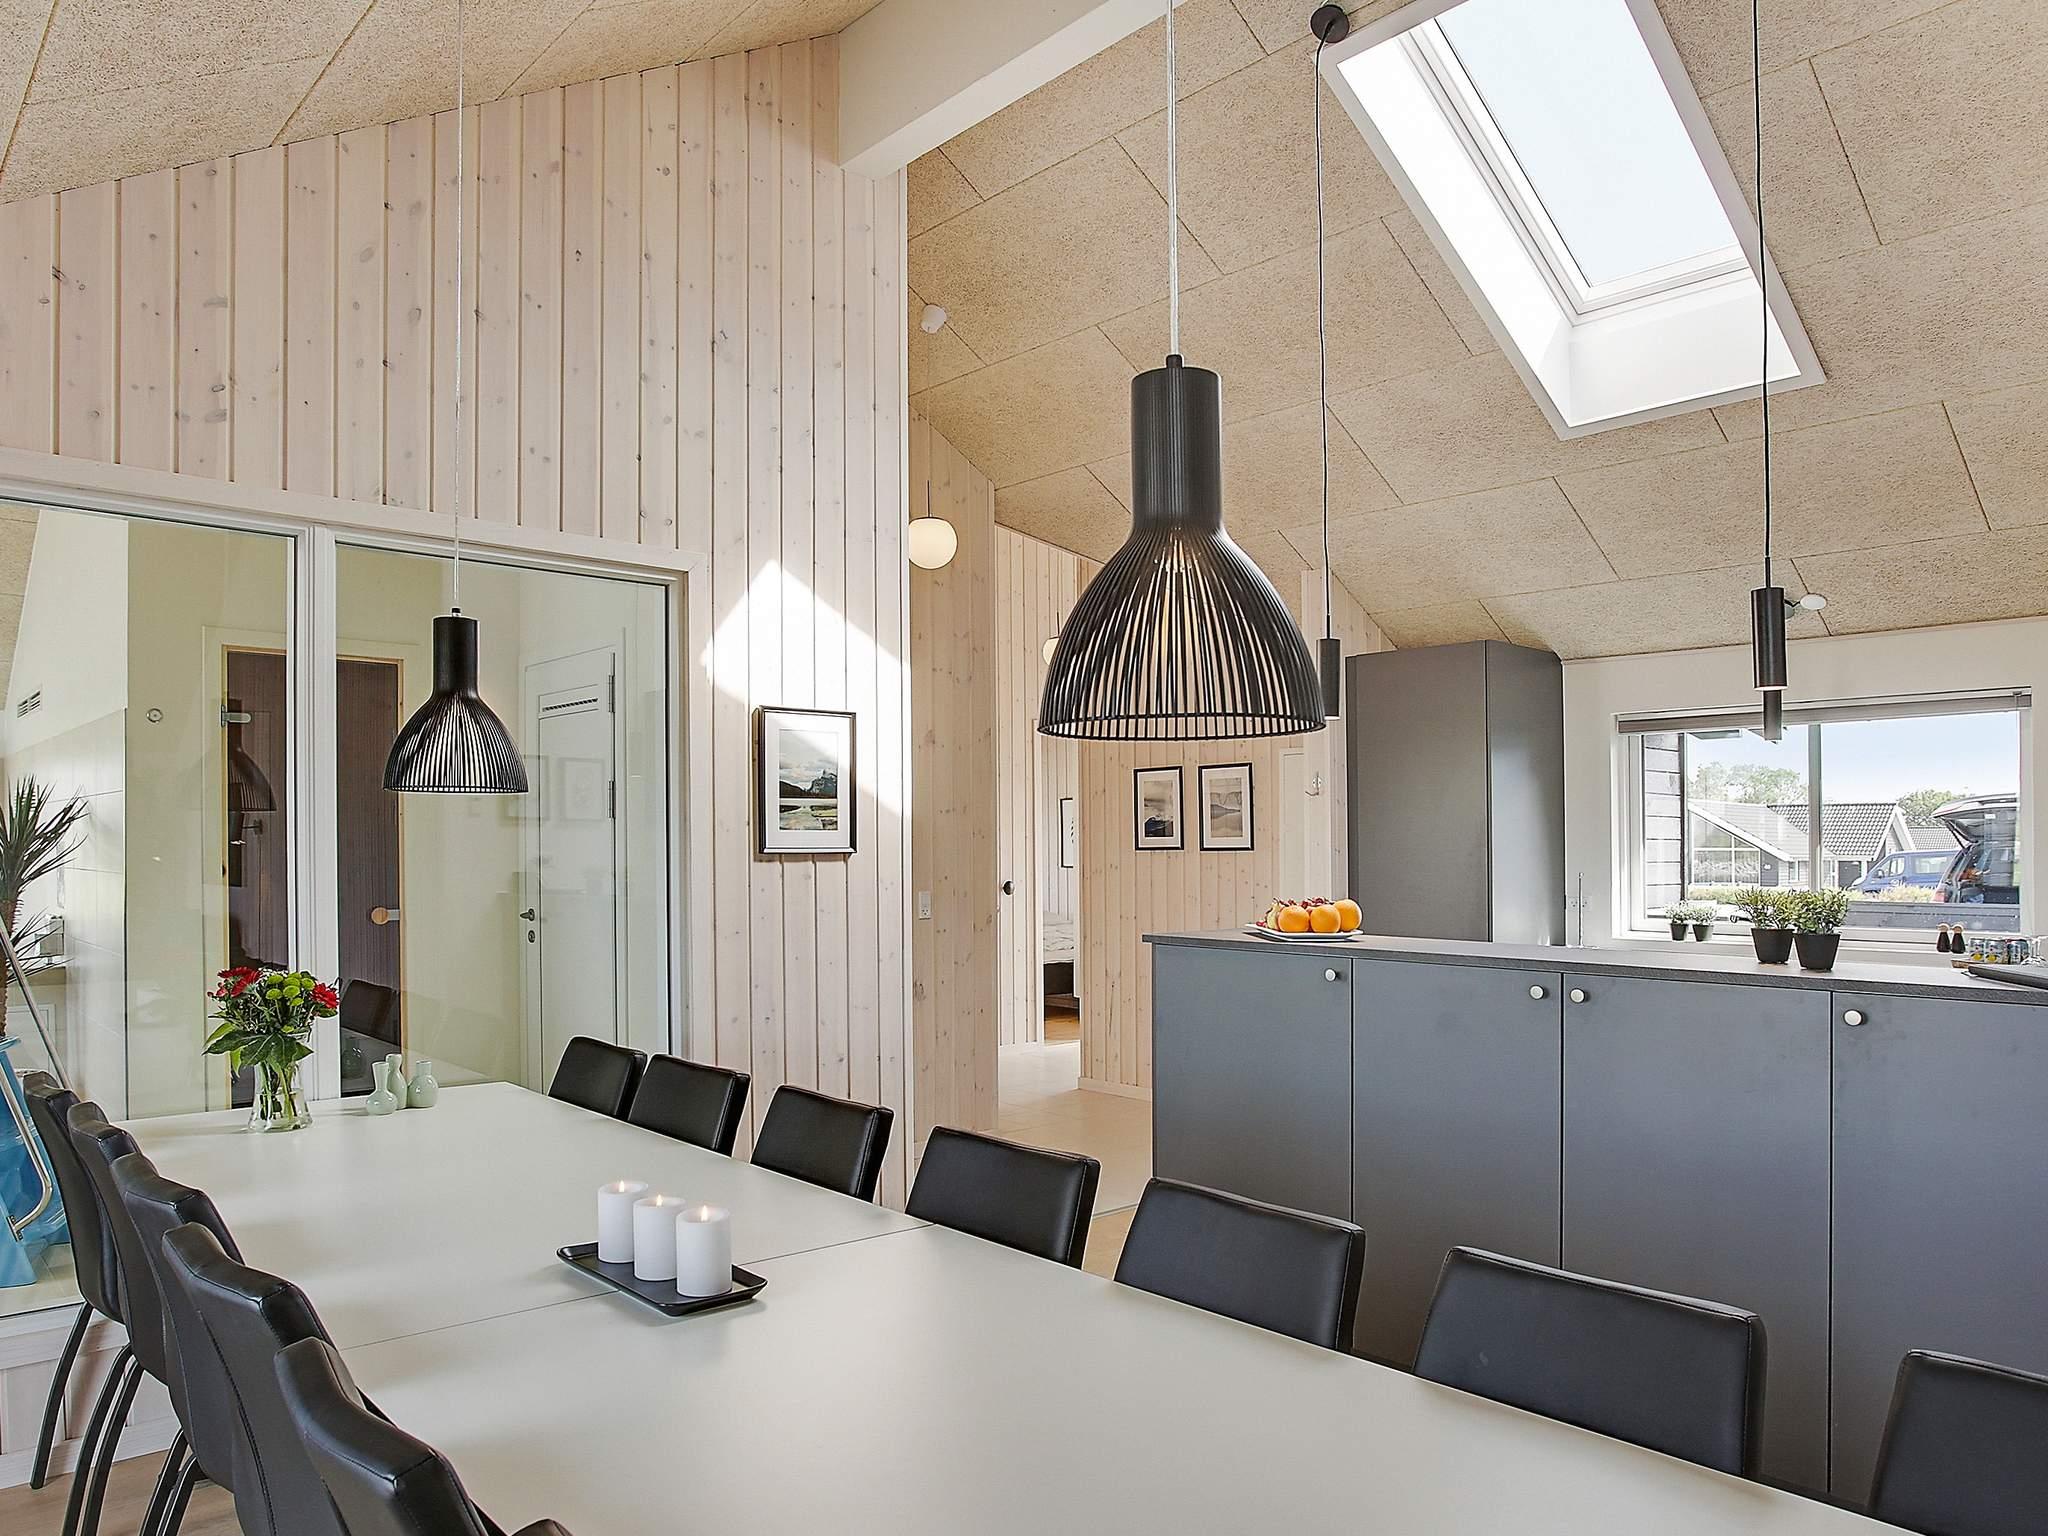 Ferienhaus Skåstrup Strand (2355173), Skåstrup, , Fünen, Dänemark, Bild 7